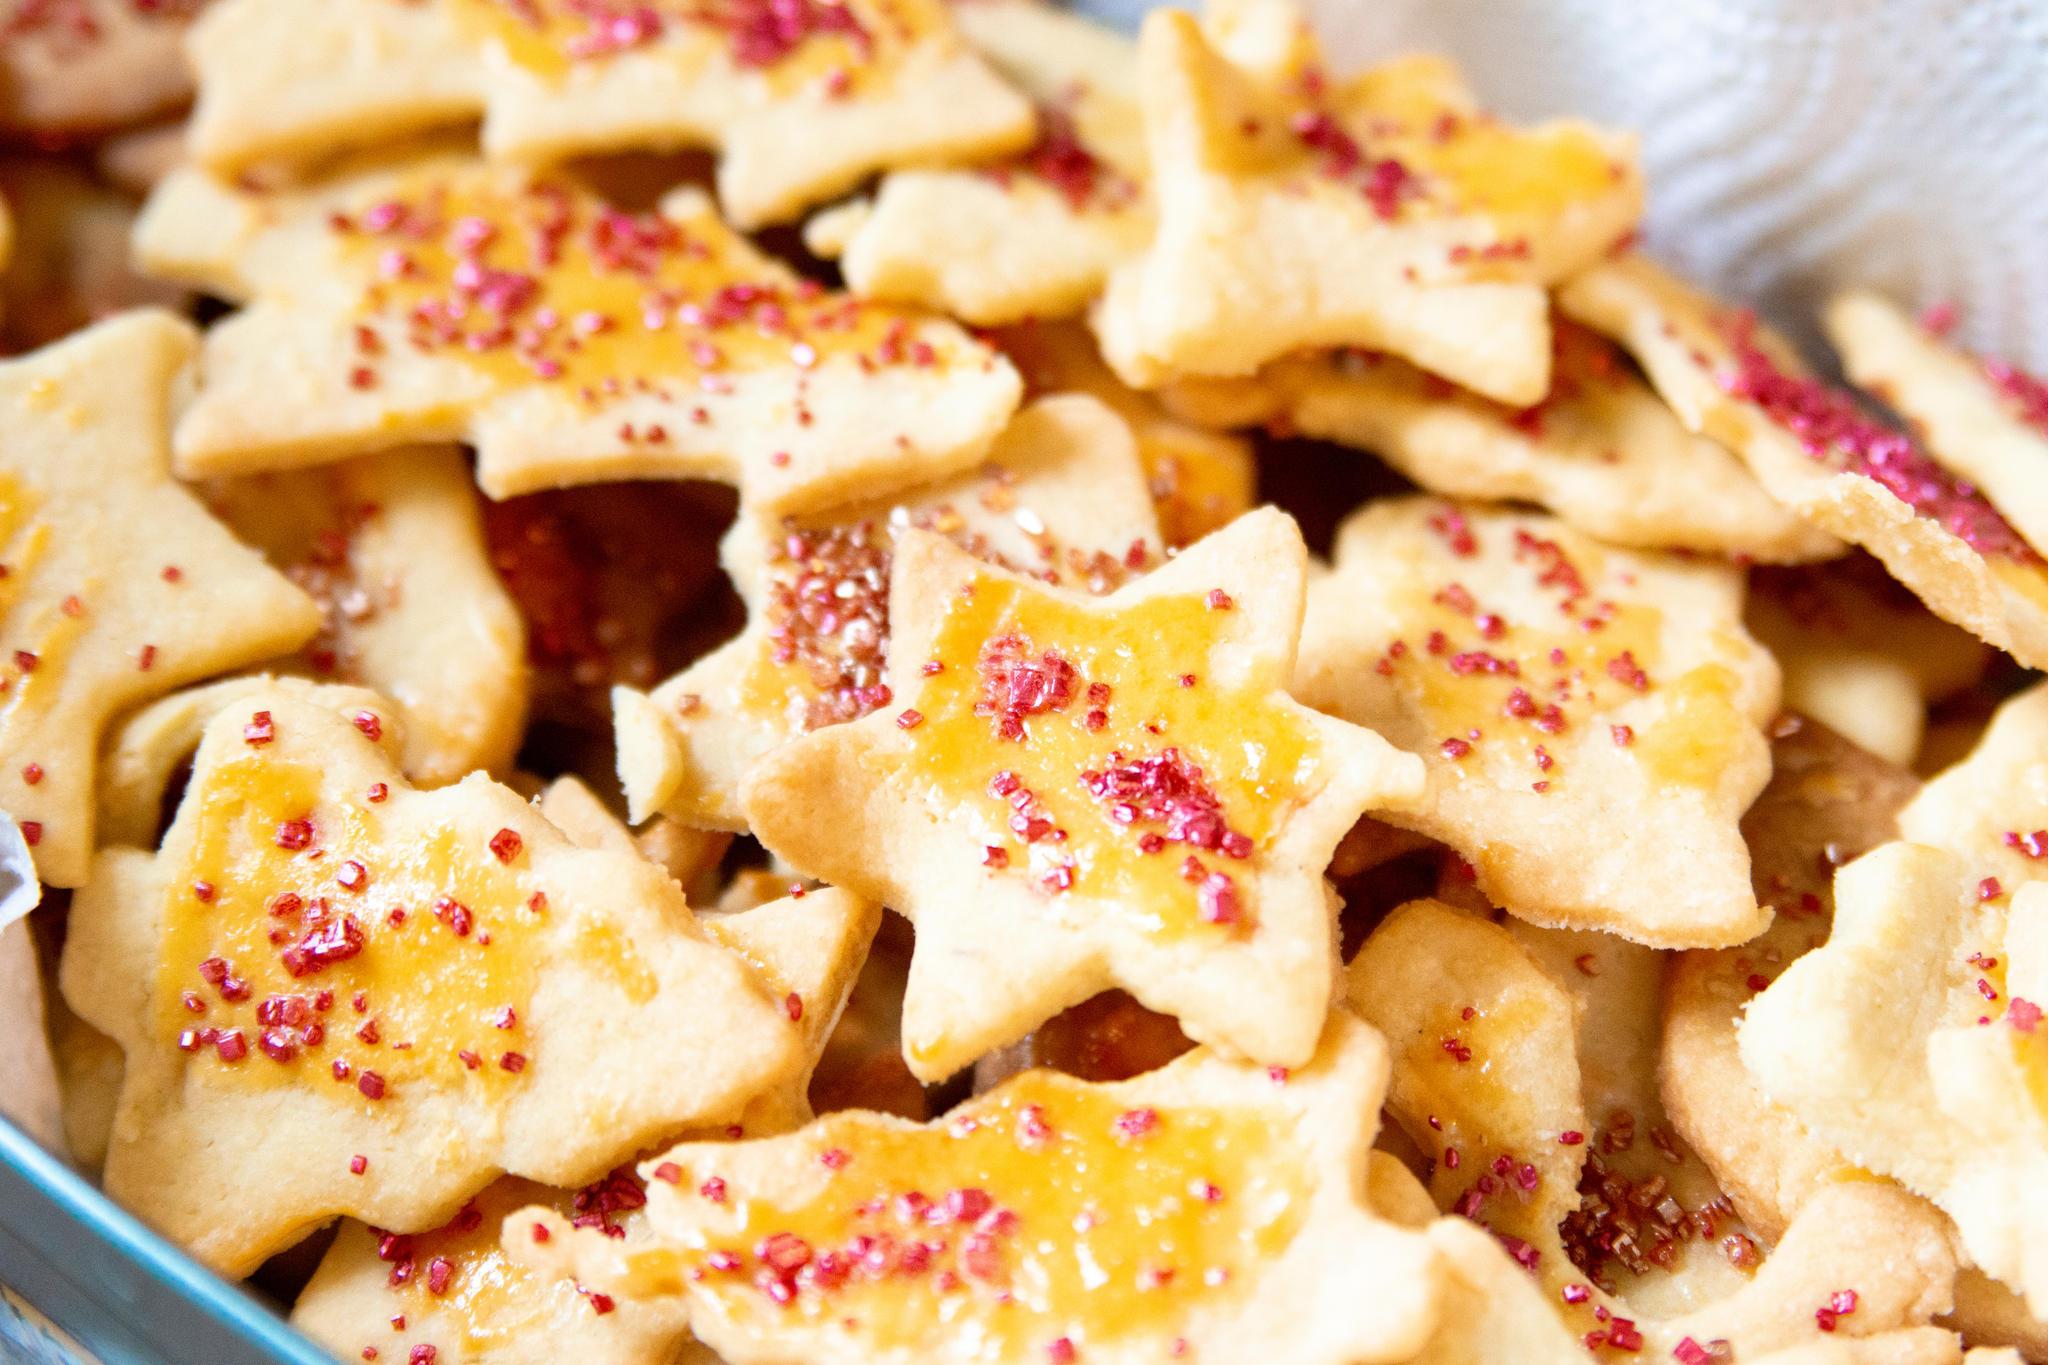 Weihnachtsbäckerei: Backen für Weihnachten | BRIGITTE.de